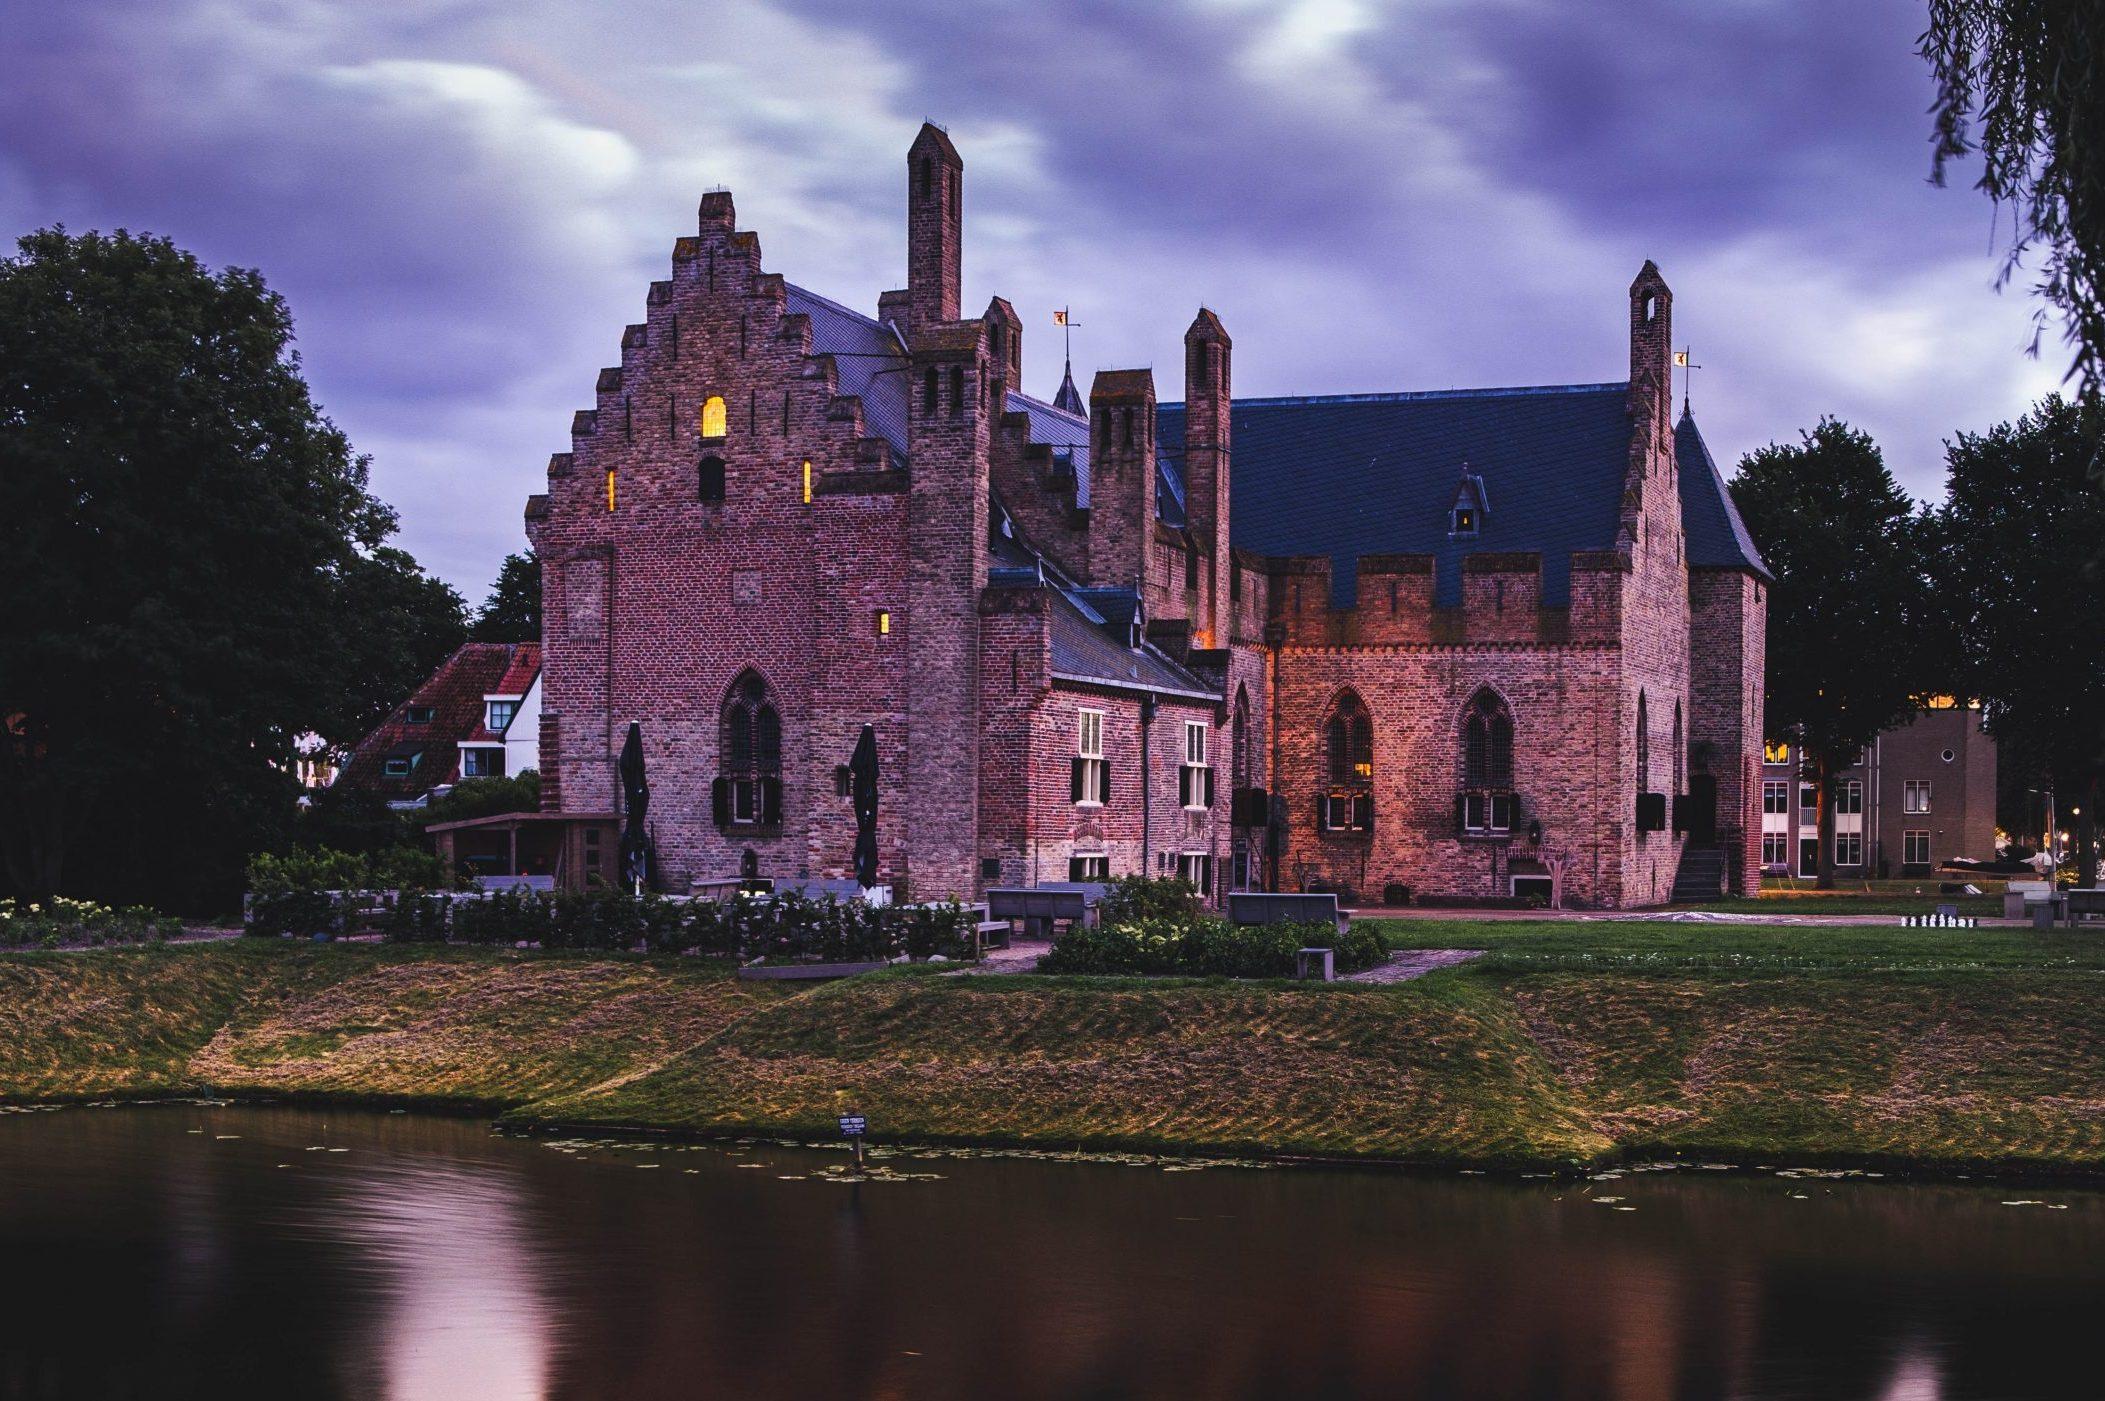 Het kasteel Radboud in de haven van Medemblik